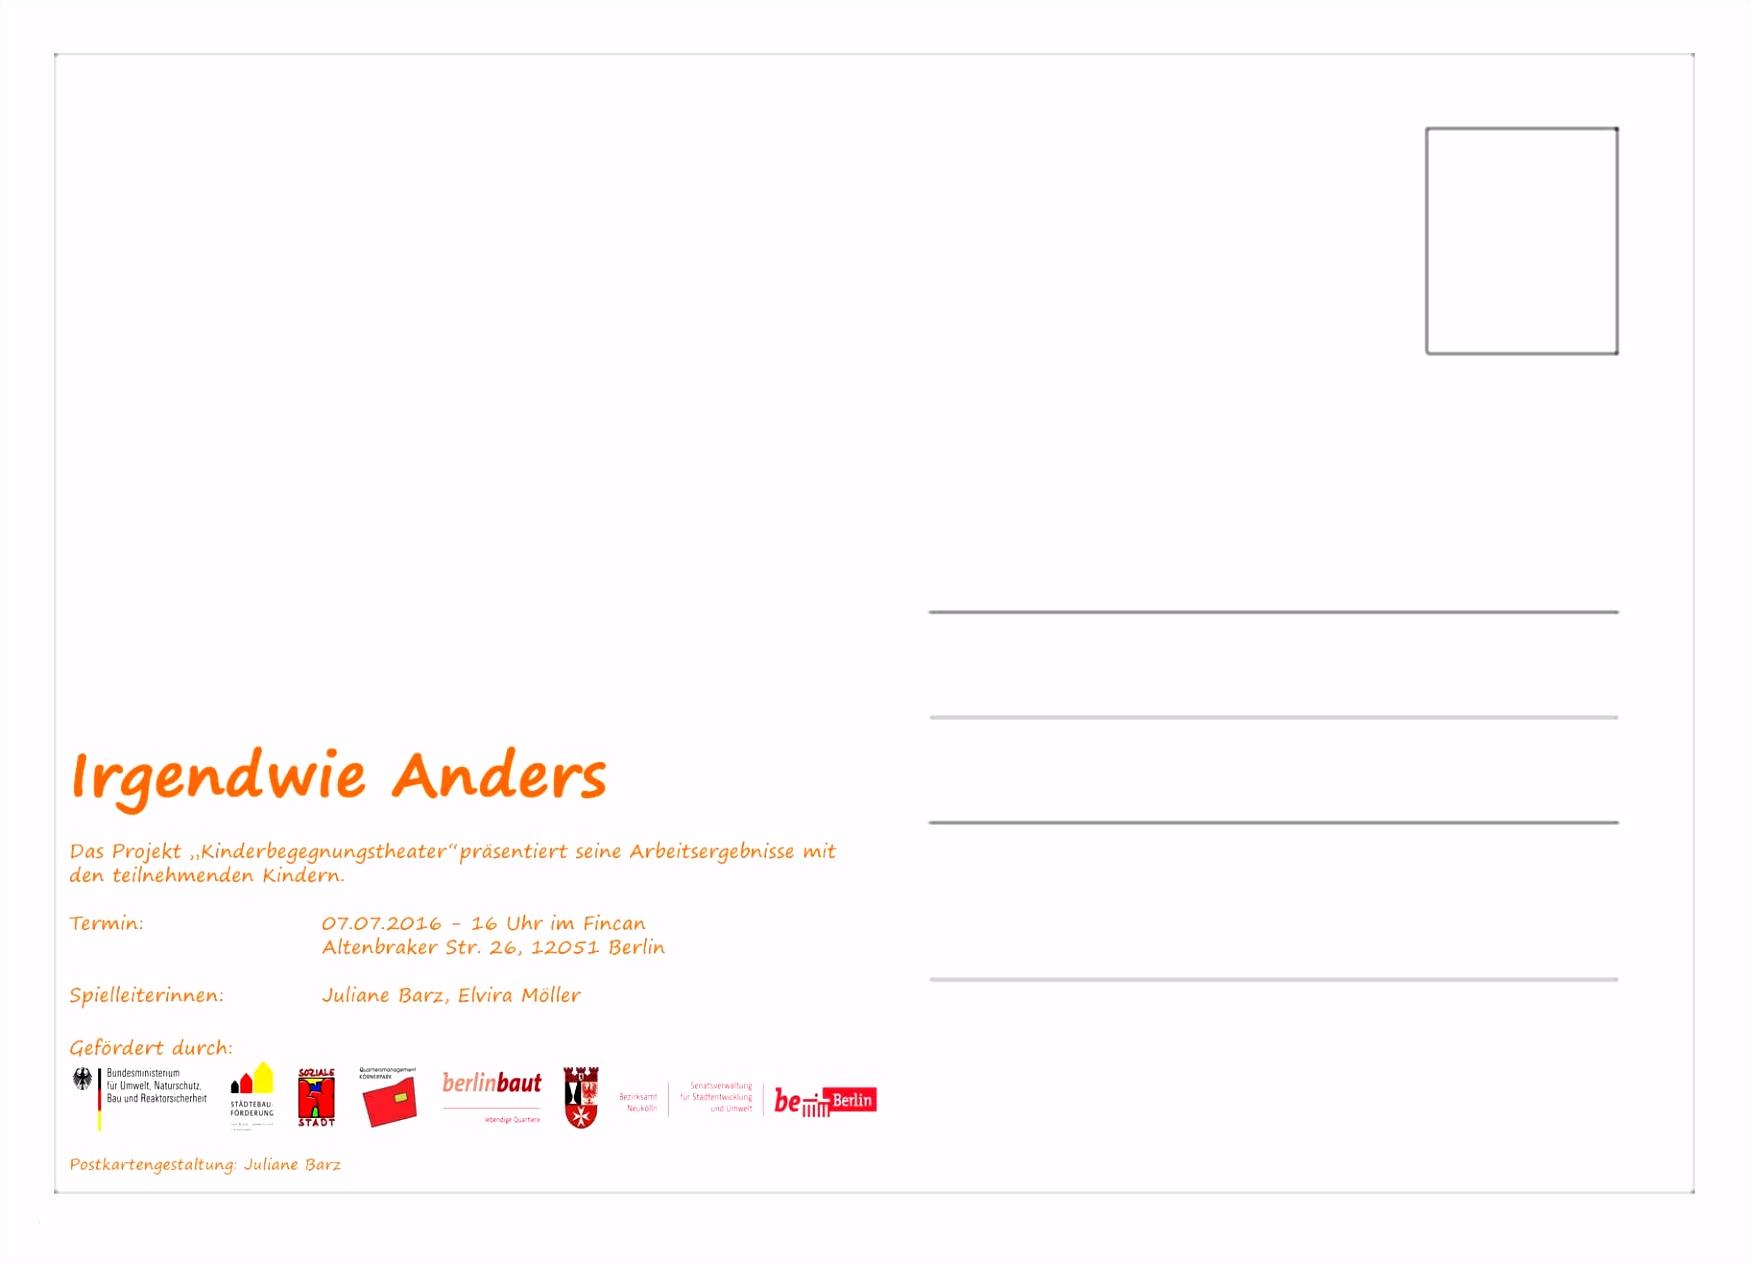 Indesign Postkarte Vorlage Kostenlose Vorlagen Einladung Neu Hochzeitskarten Drucken Lassen Von V1qm67wex3 Tvrcv2fzth